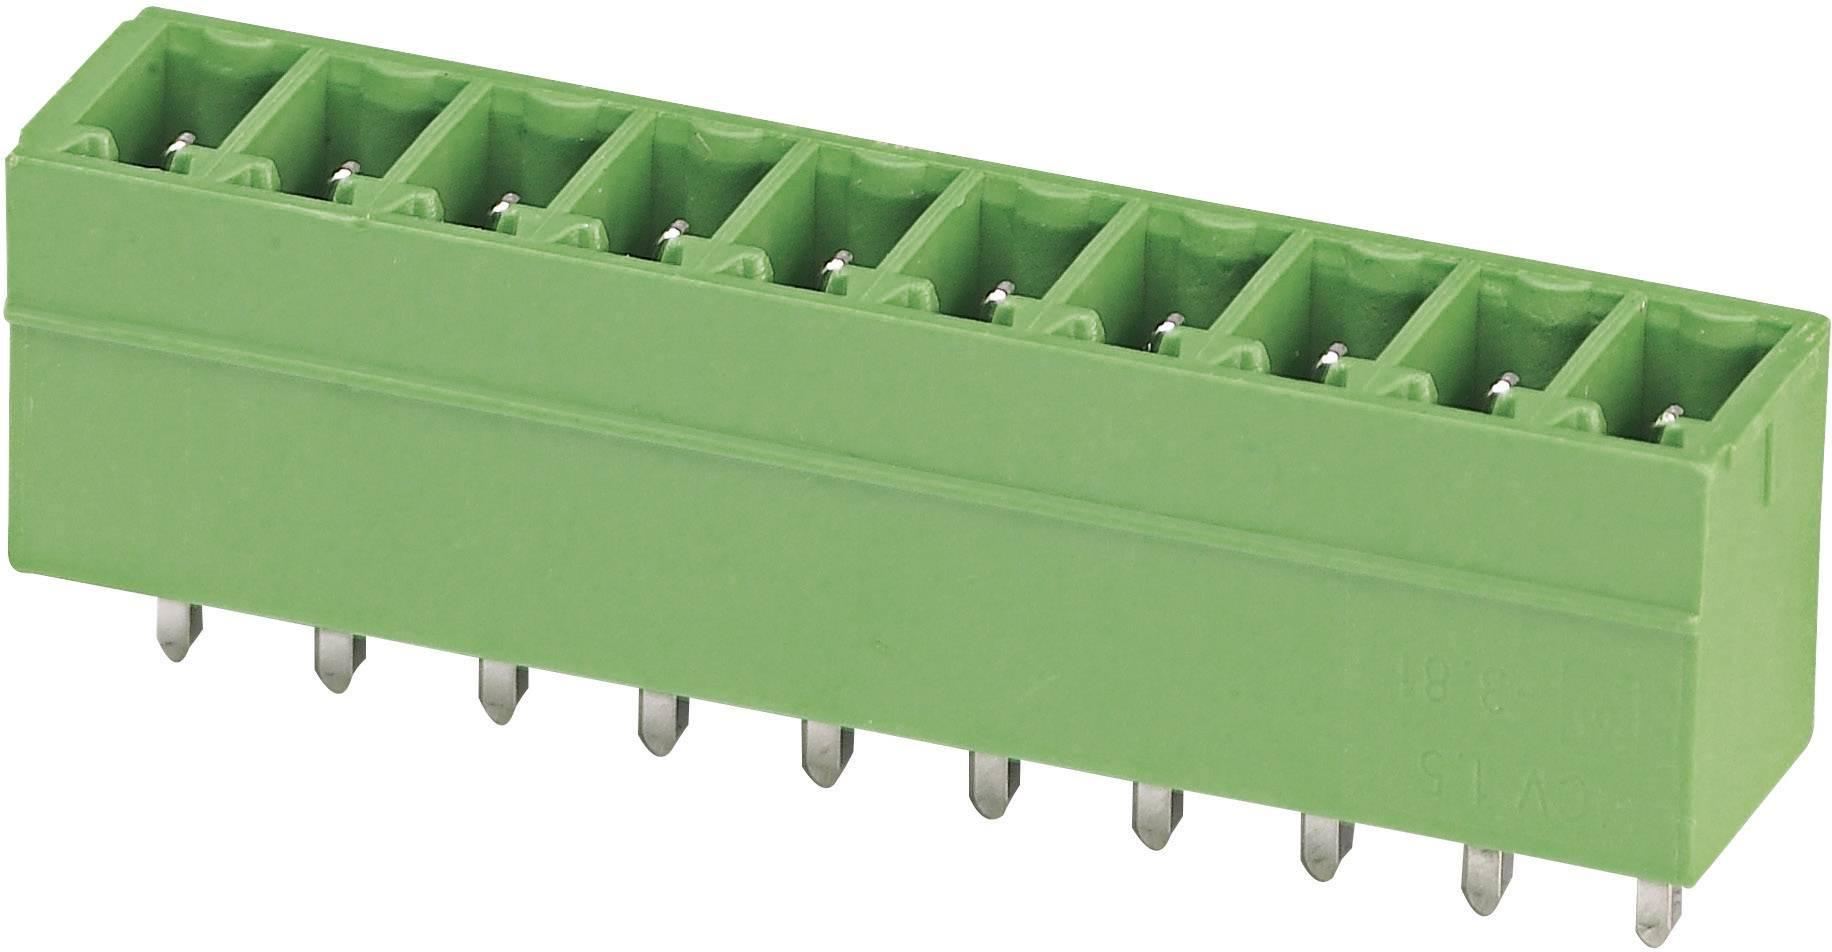 Svorkovnice 1řadá do DPS Phoenix Contact MCV 1,5/ 2-G-3,5 (1843606), 2pól., zelená